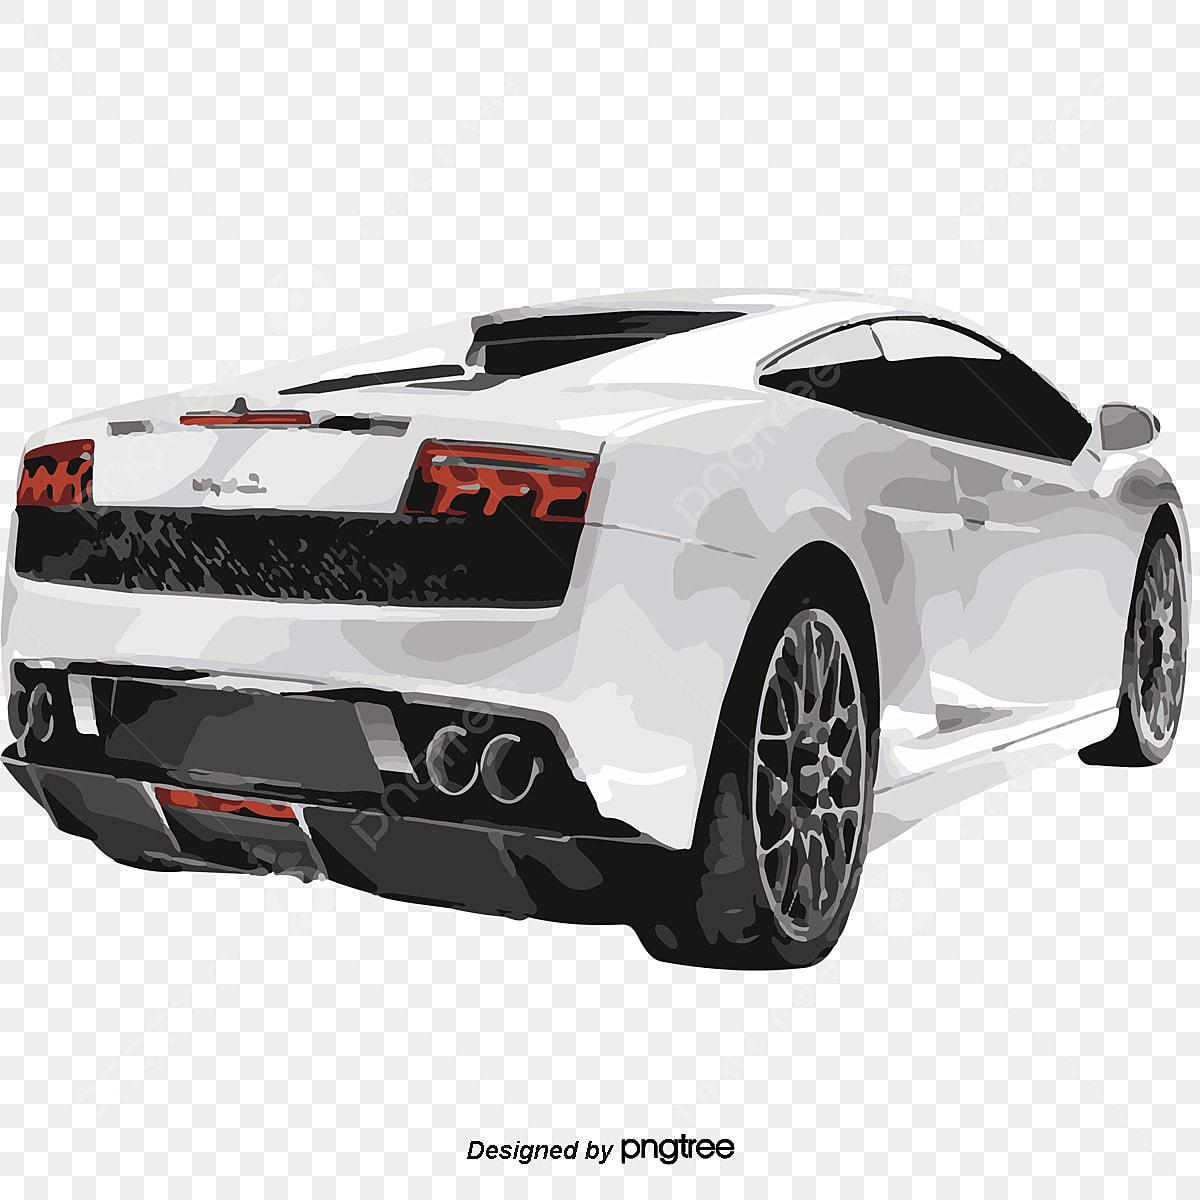 Desenhos De Carro Carro Desenhos De Carros Carro De Luxo O